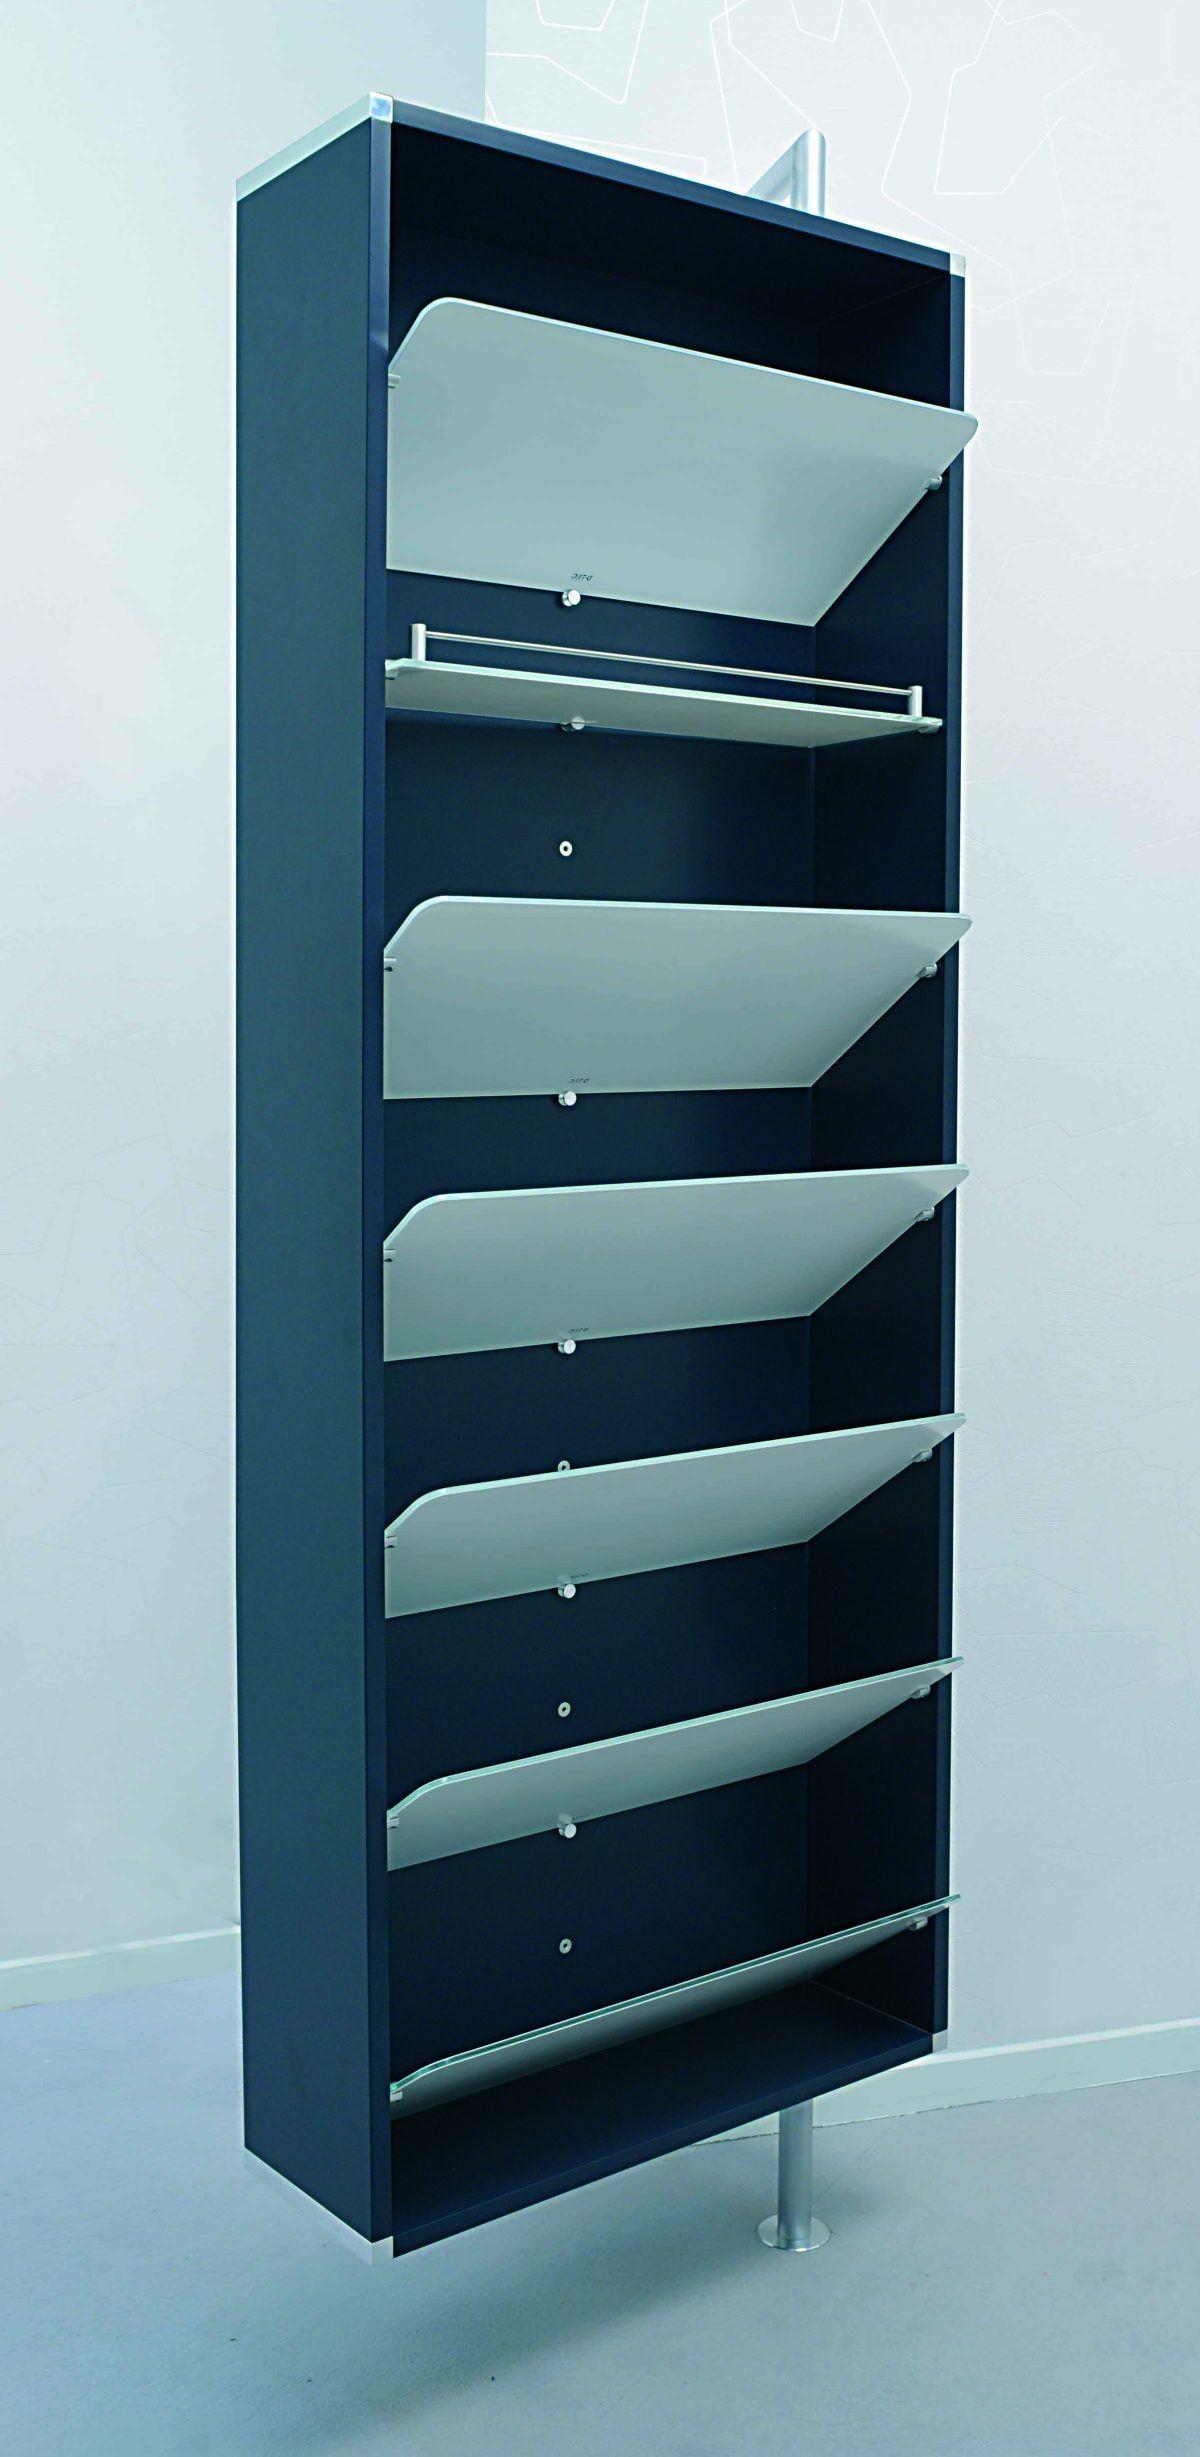 Moderner Schuhschrank Und Wandgarderobe Drehbar Und Im